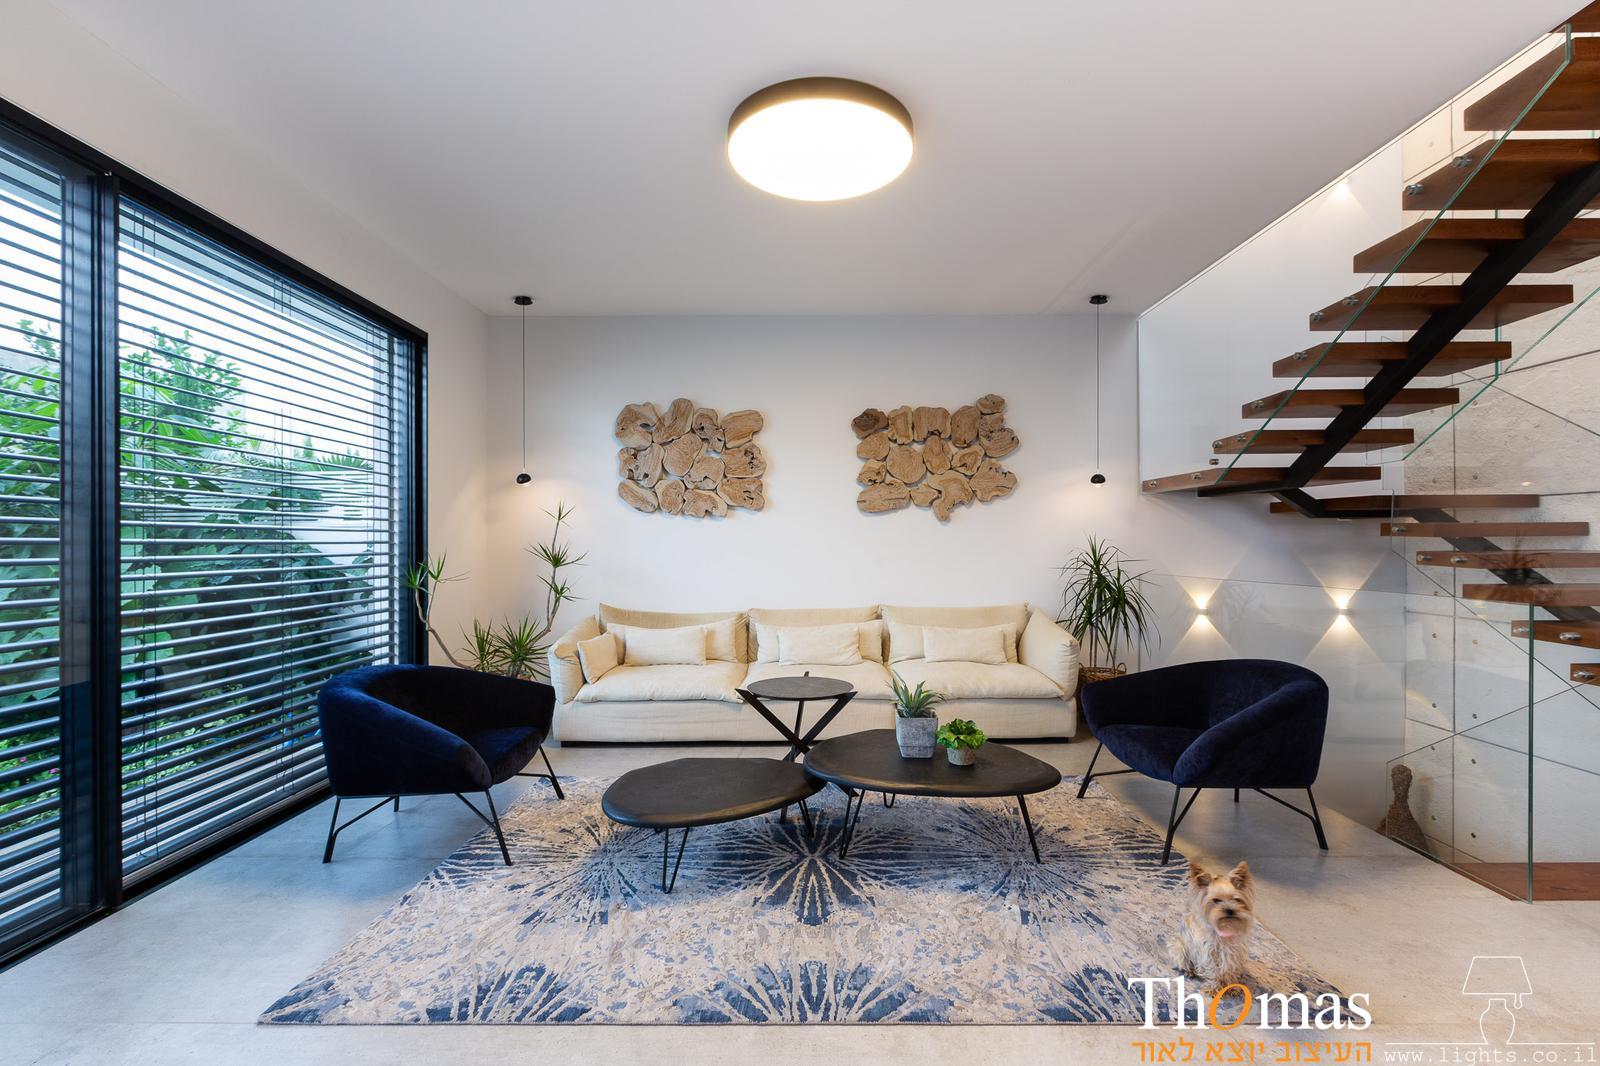 סלון, מנורת תקרה, צוד תקרה גדול 100503